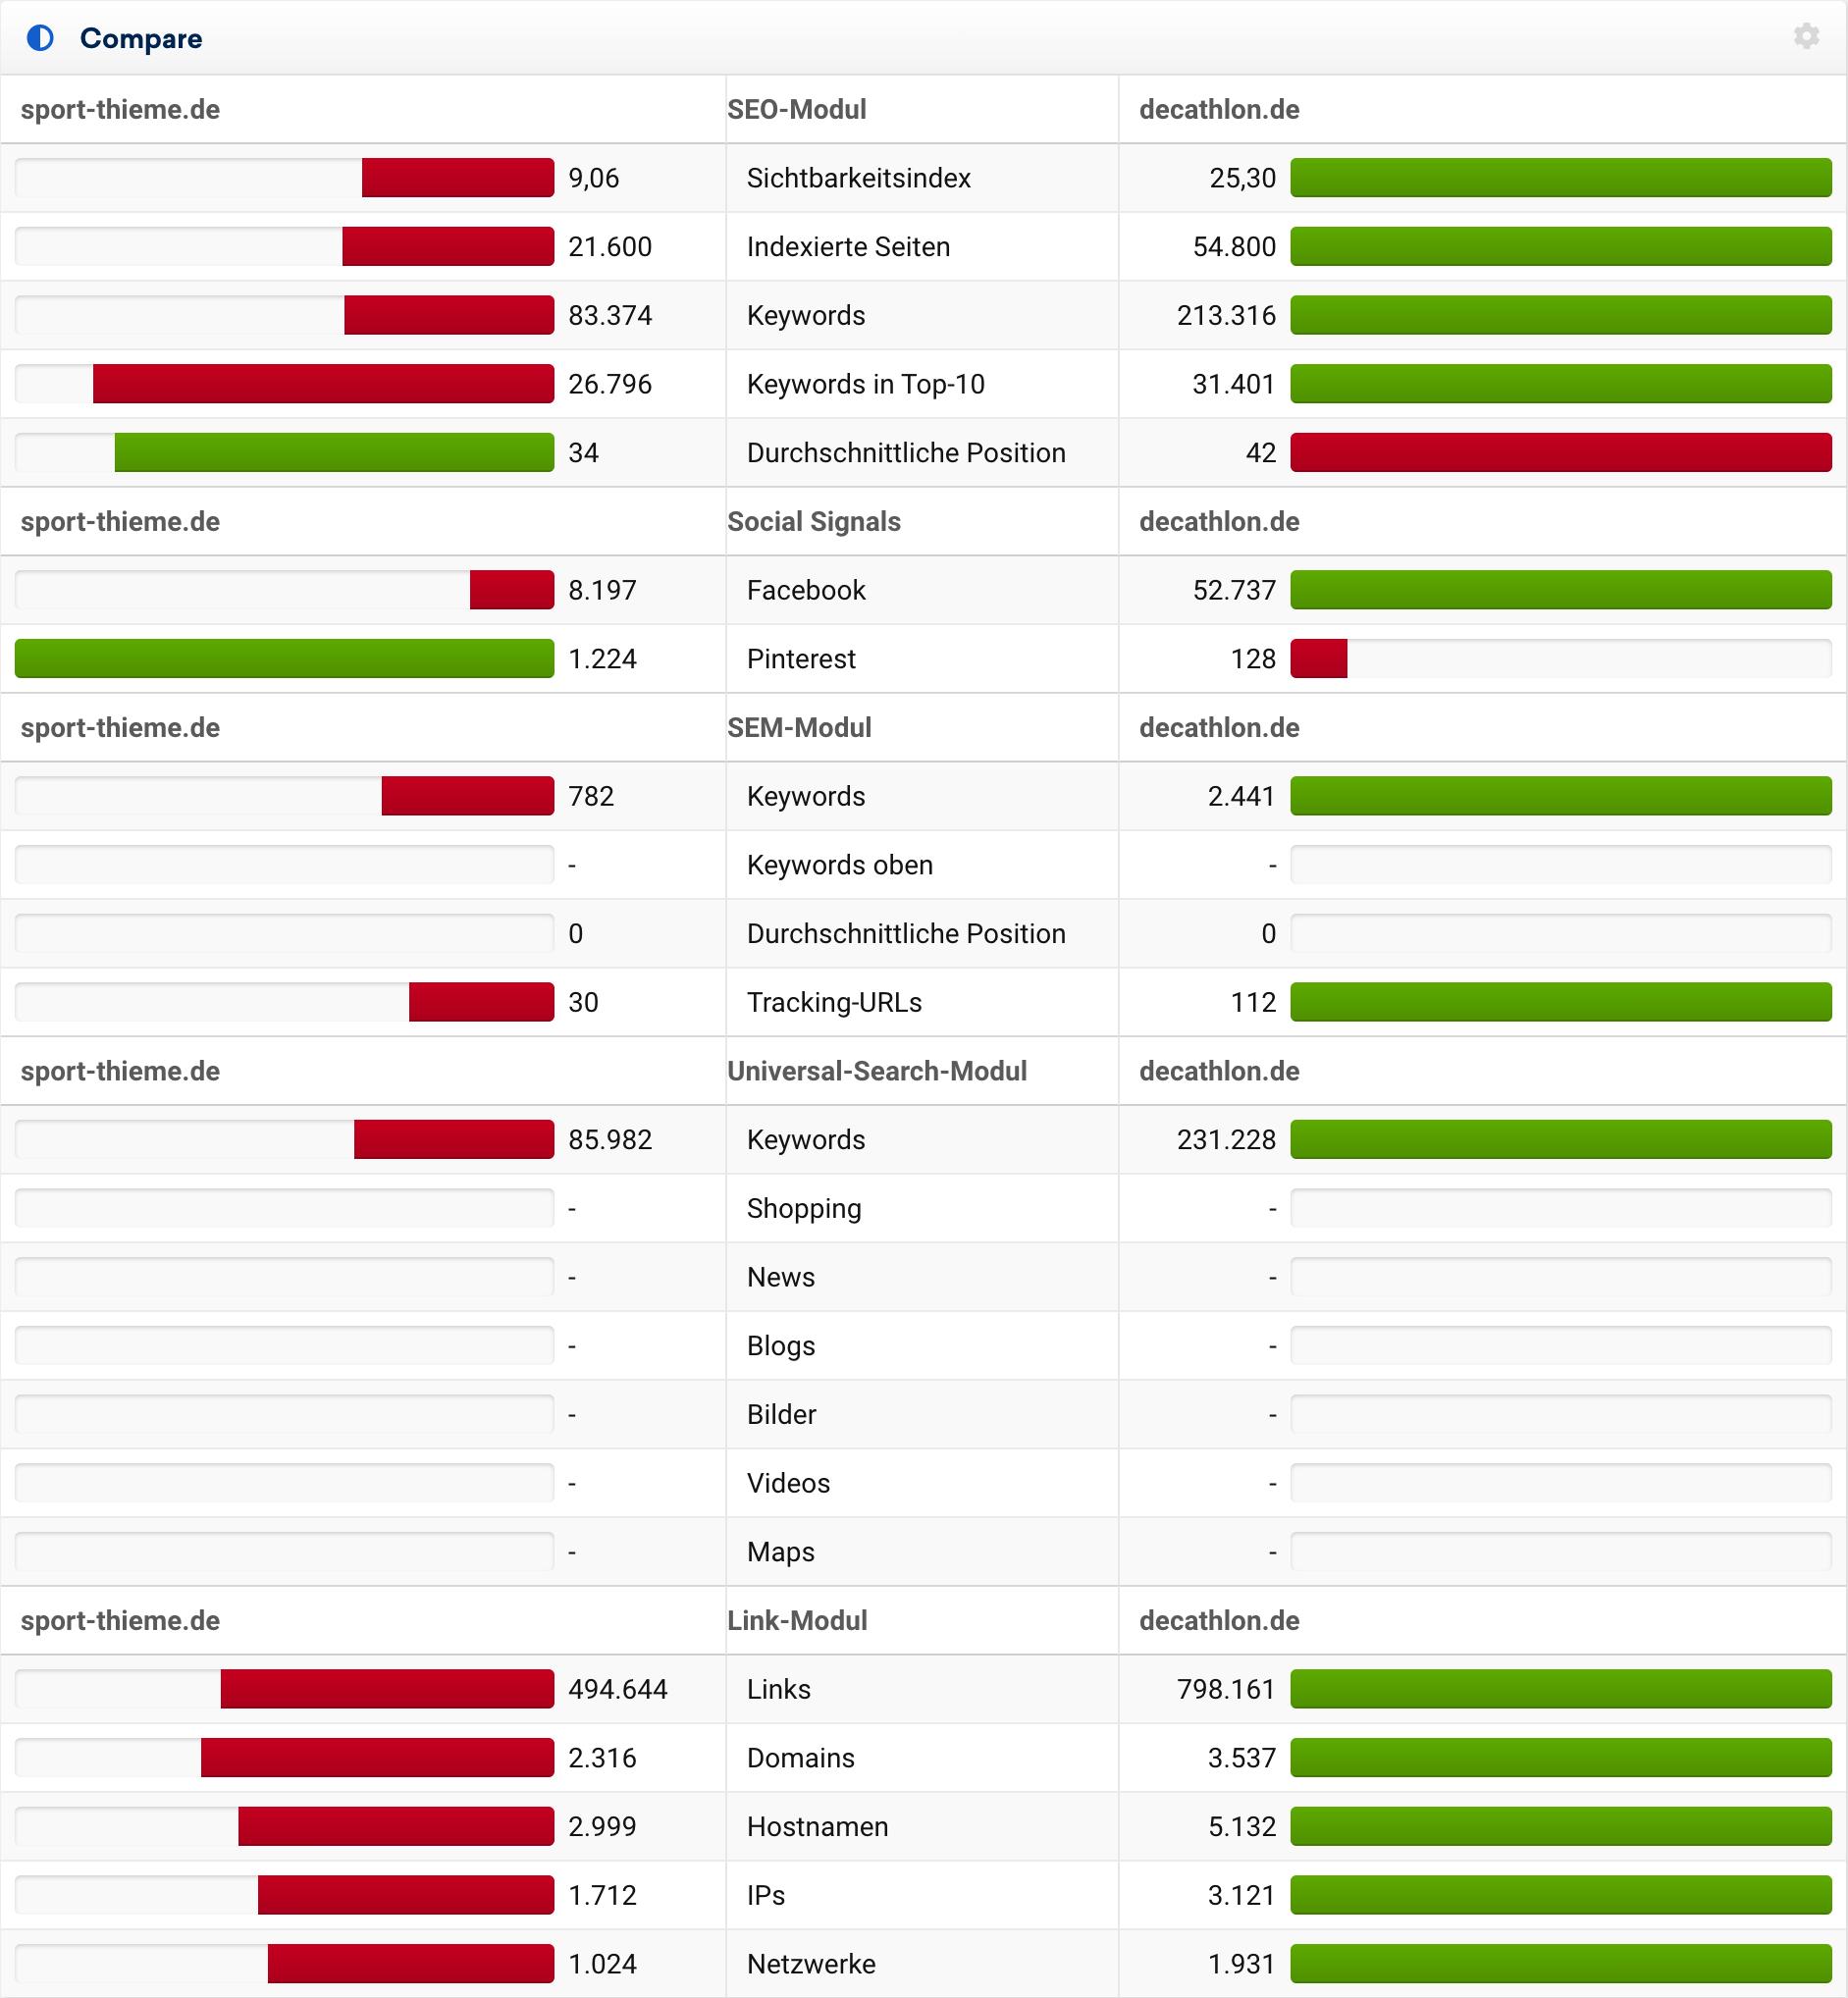 Vergleich von sport-thieme.de und decathlon.de auf die wichtigsten SEO-Metriken